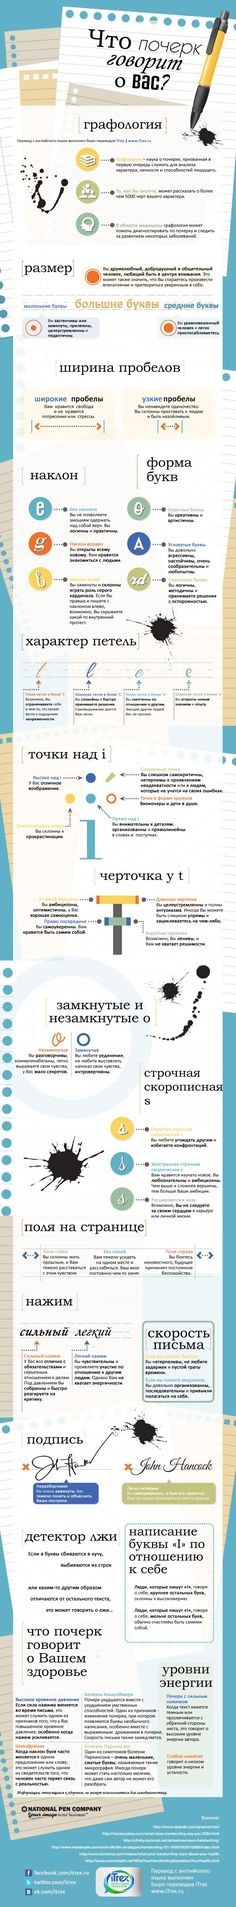 itrex.ru assets old_images images chto_pocherk_govorit_o_vas.jpg